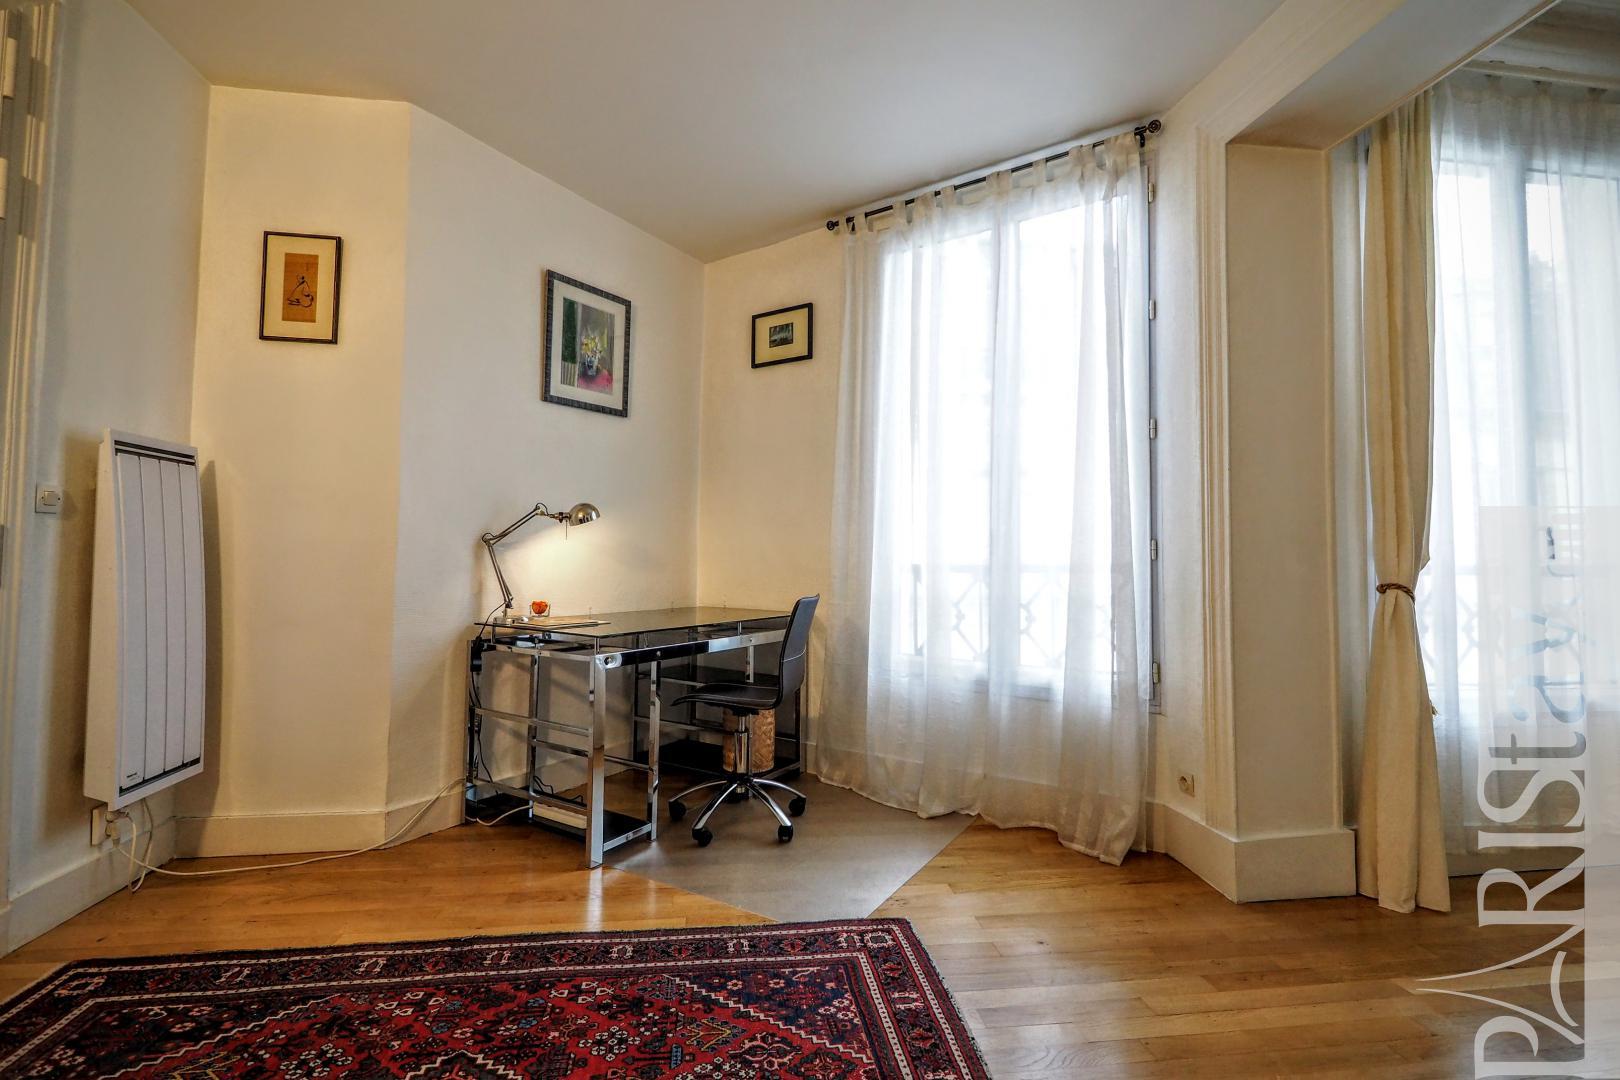 location appartement paris t2 meuble grands magasins haussmann. Black Bedroom Furniture Sets. Home Design Ideas